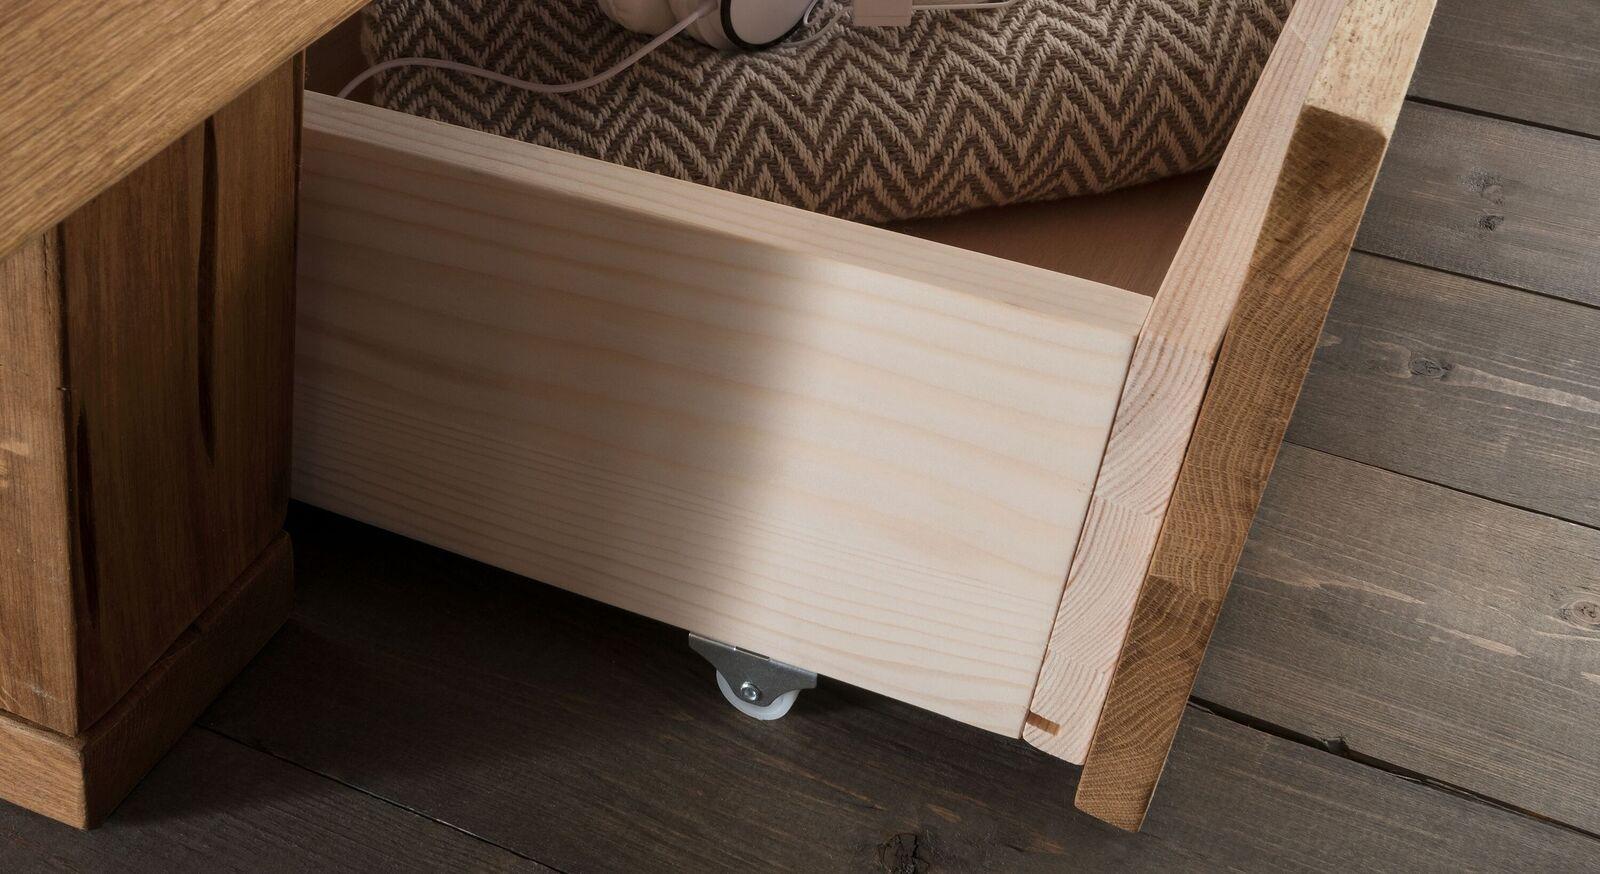 Schubkastenbett mit praktischer Schublade